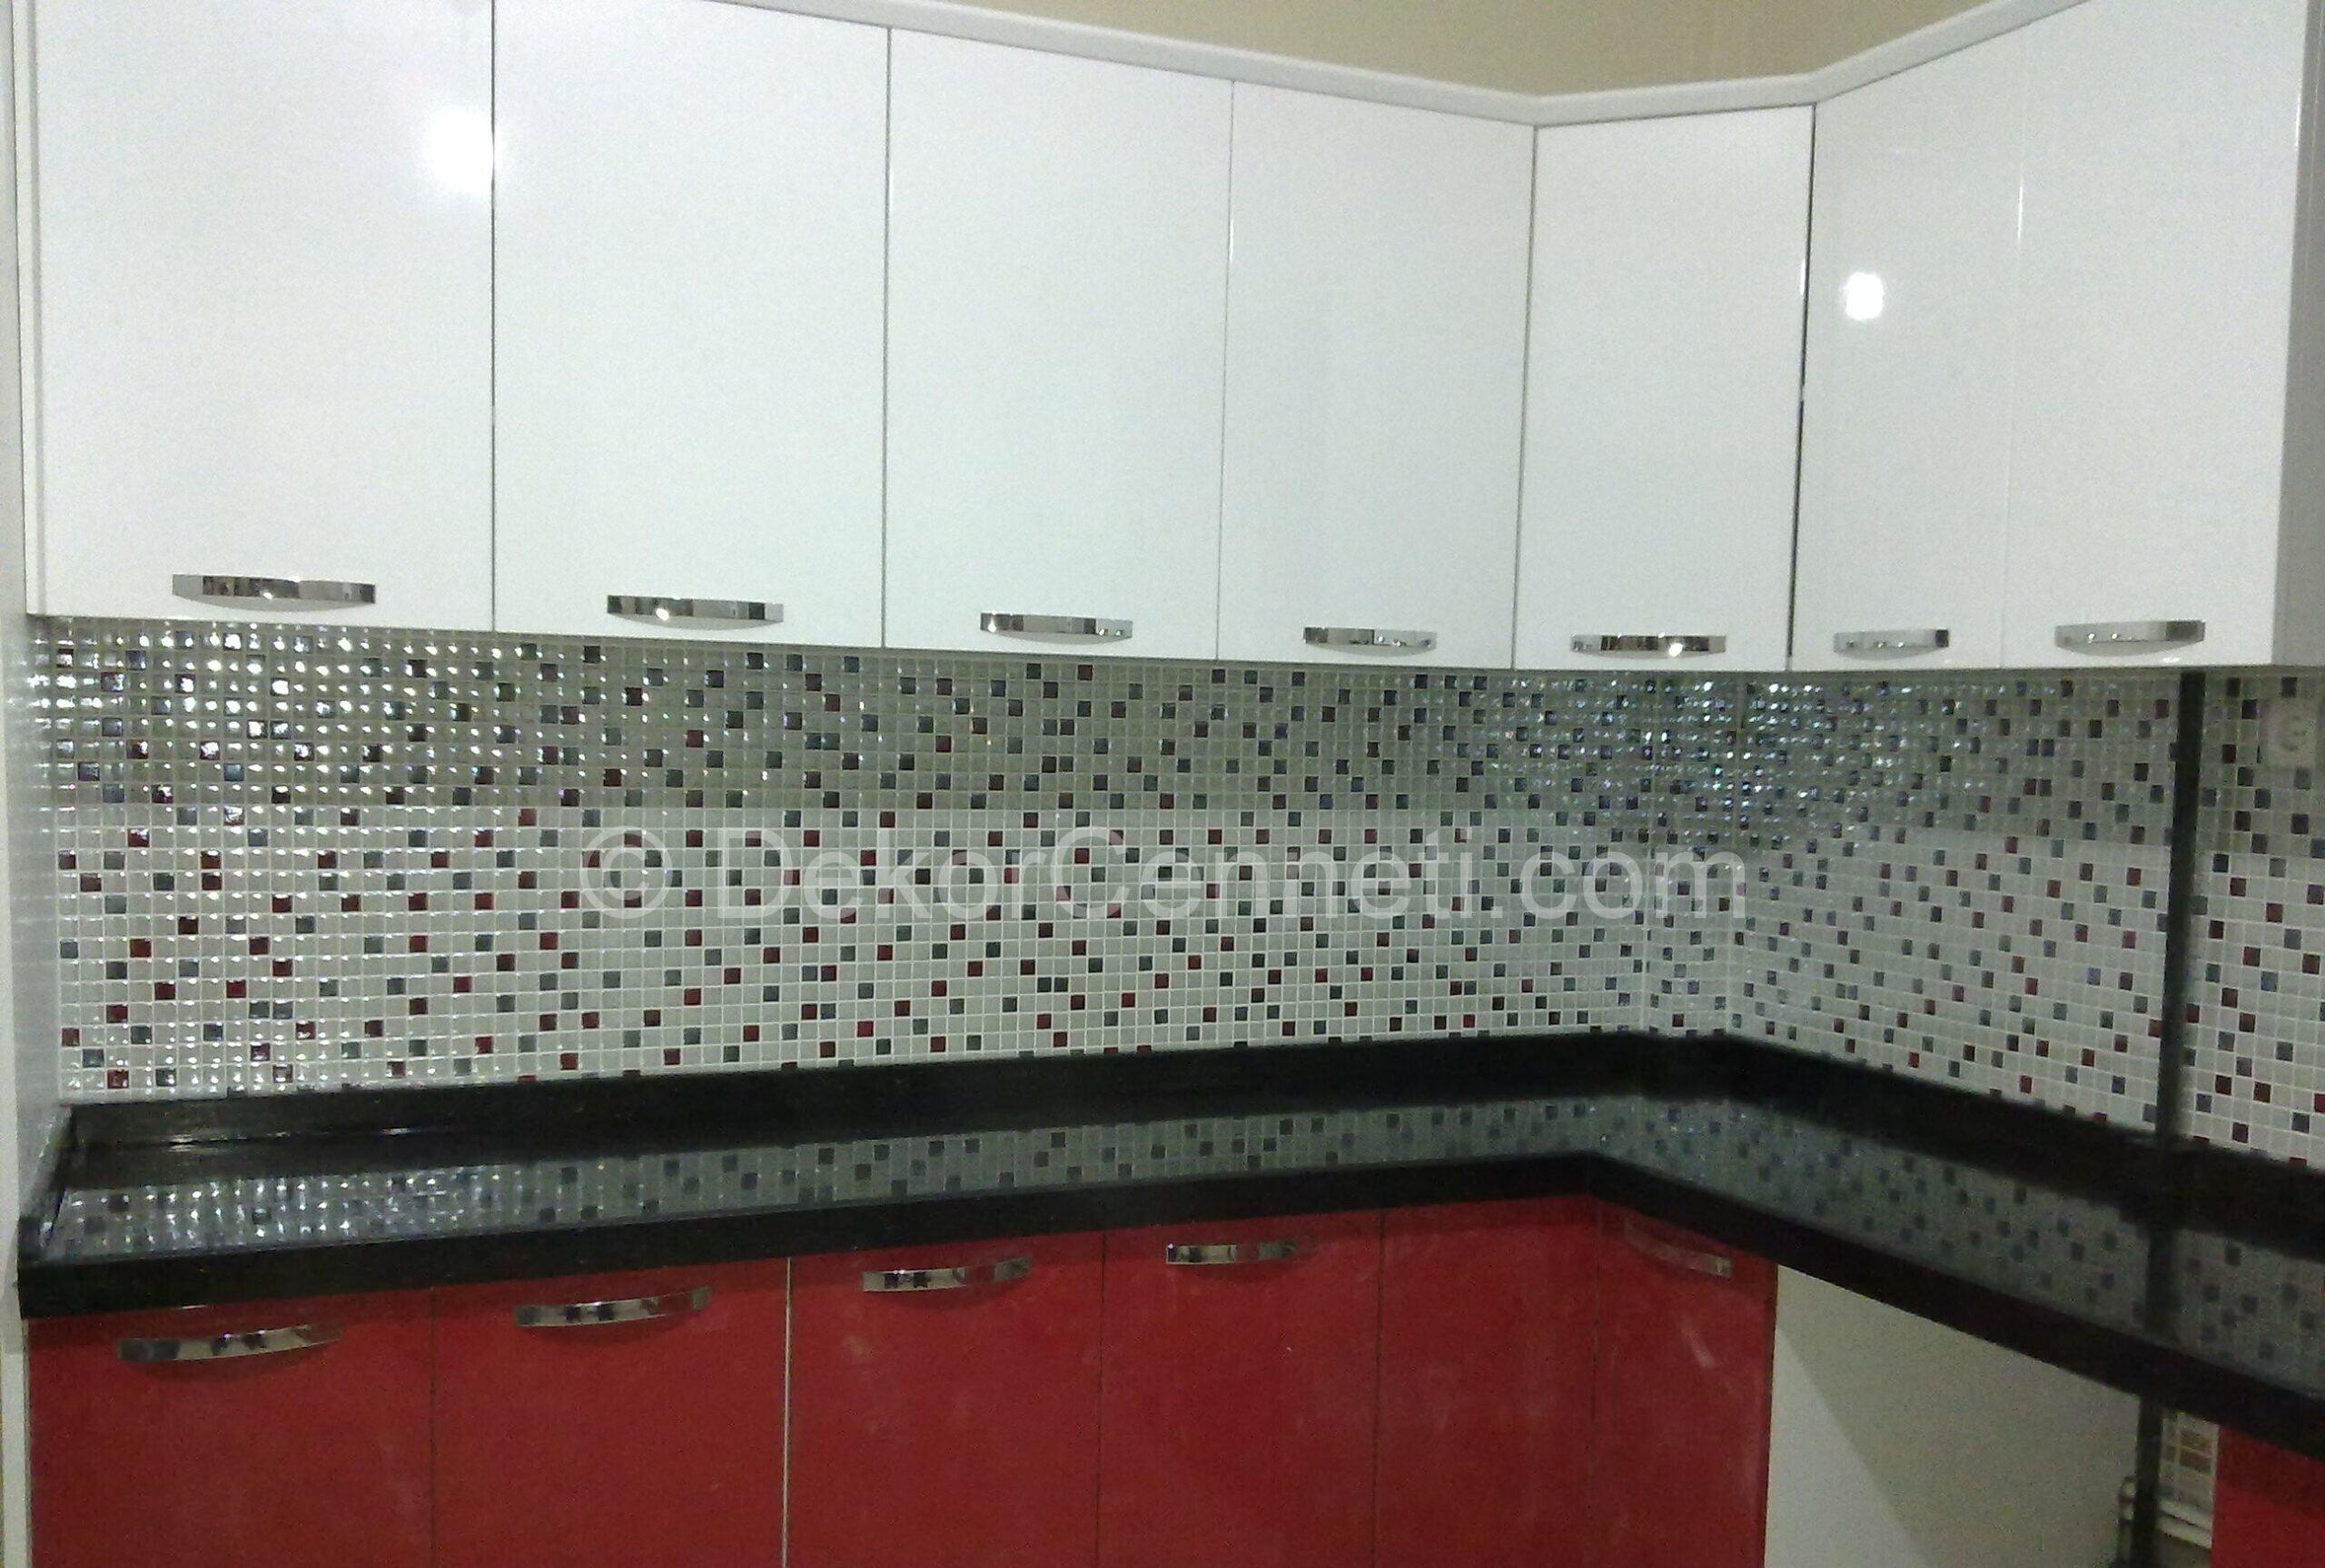 En Yeni granit mutfak tezgah örnekleri Resimleri